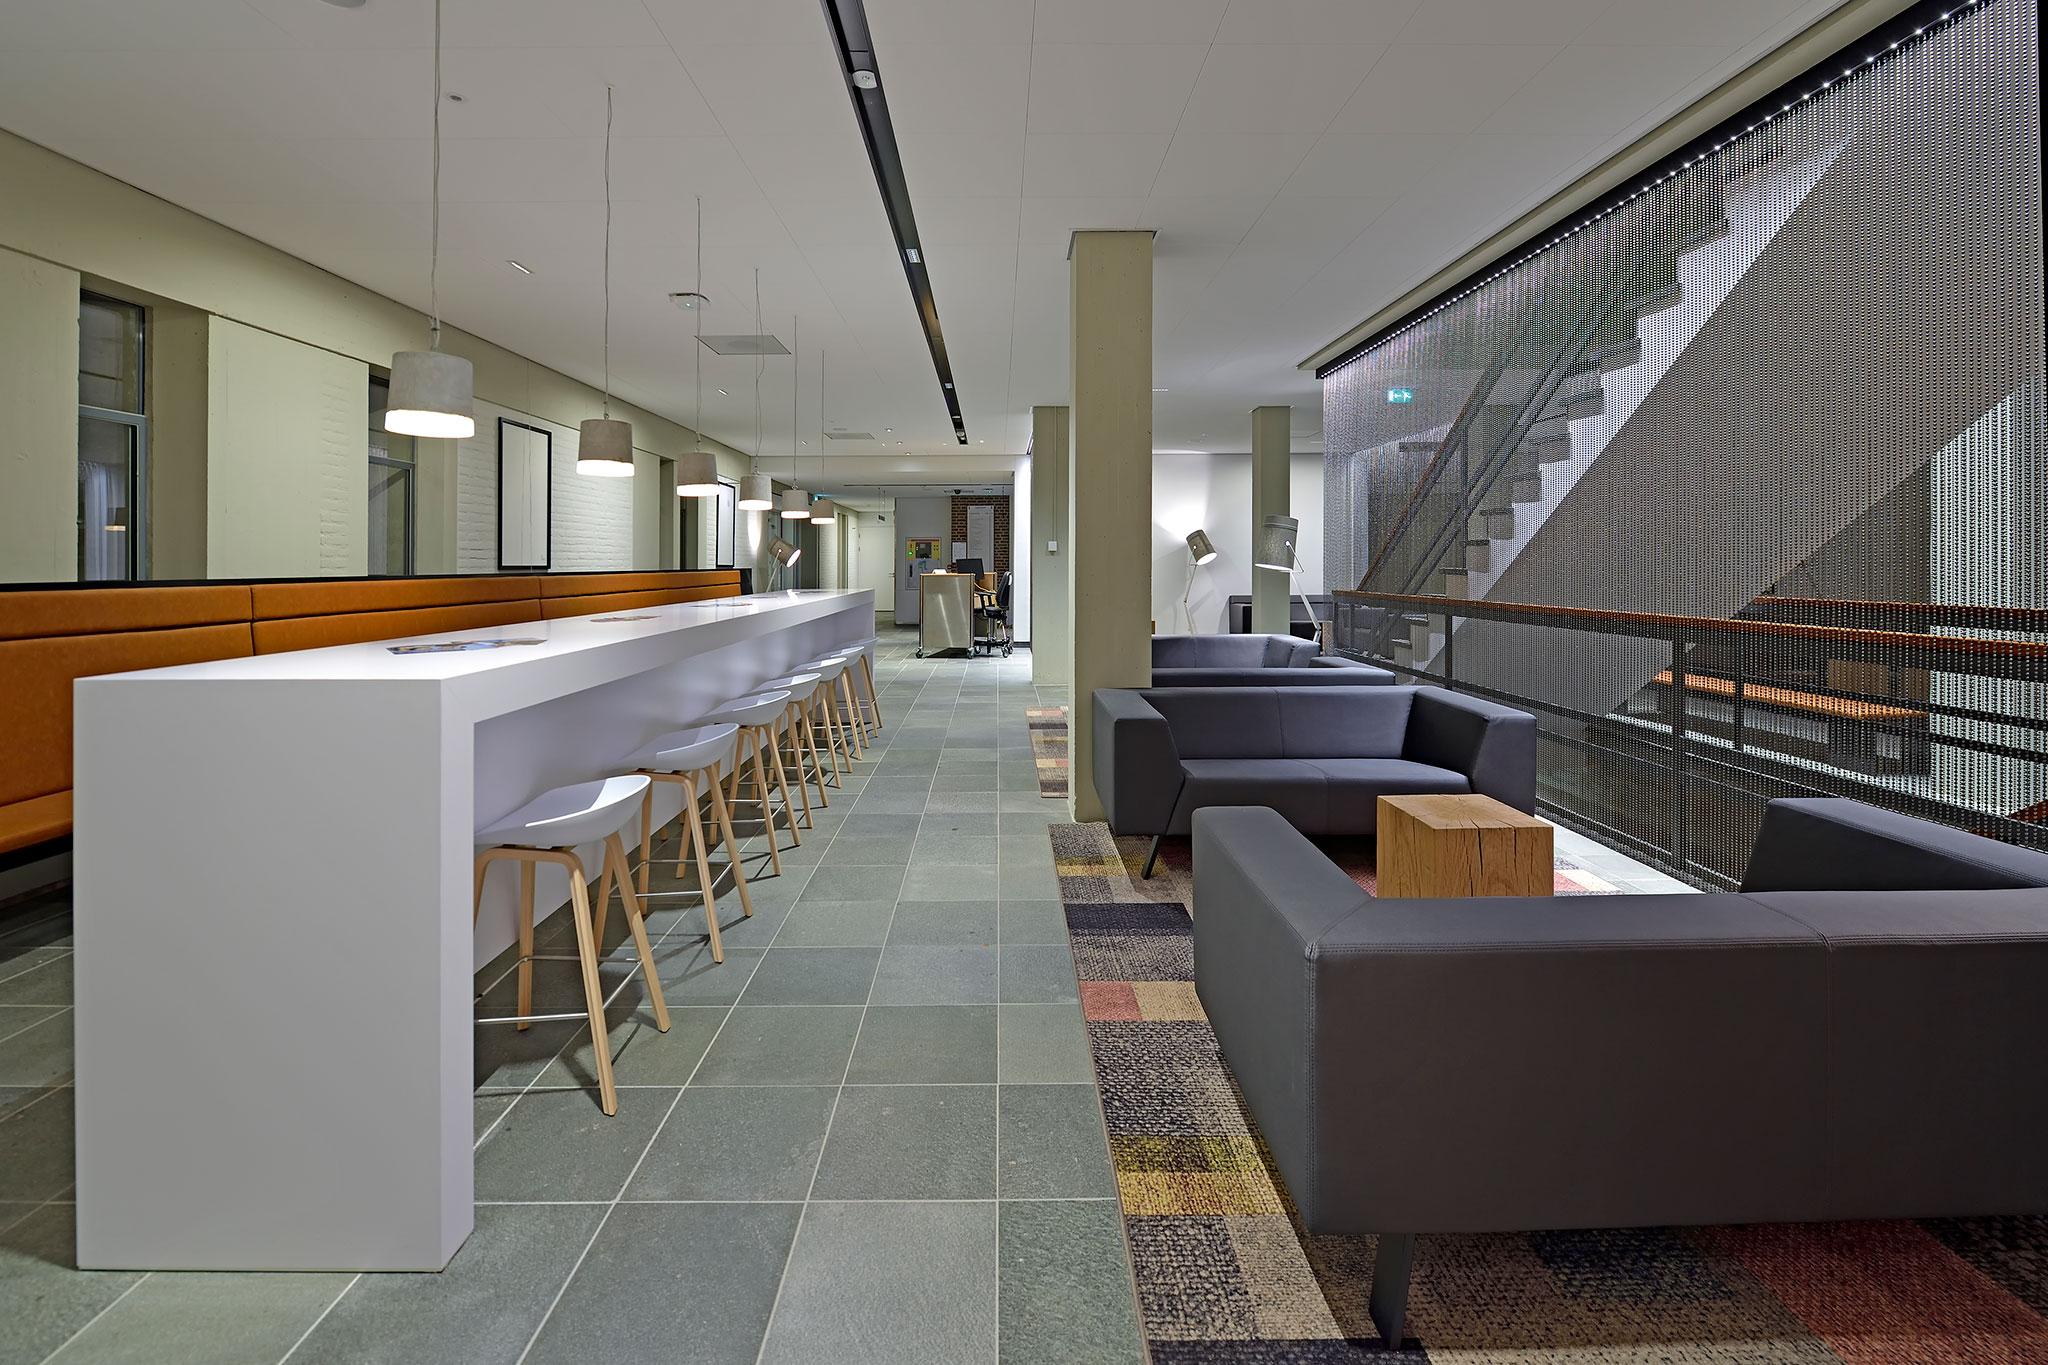 entree-m230-studiecentrum2017-11-30_cornelissen_nijmegen_radboud_006